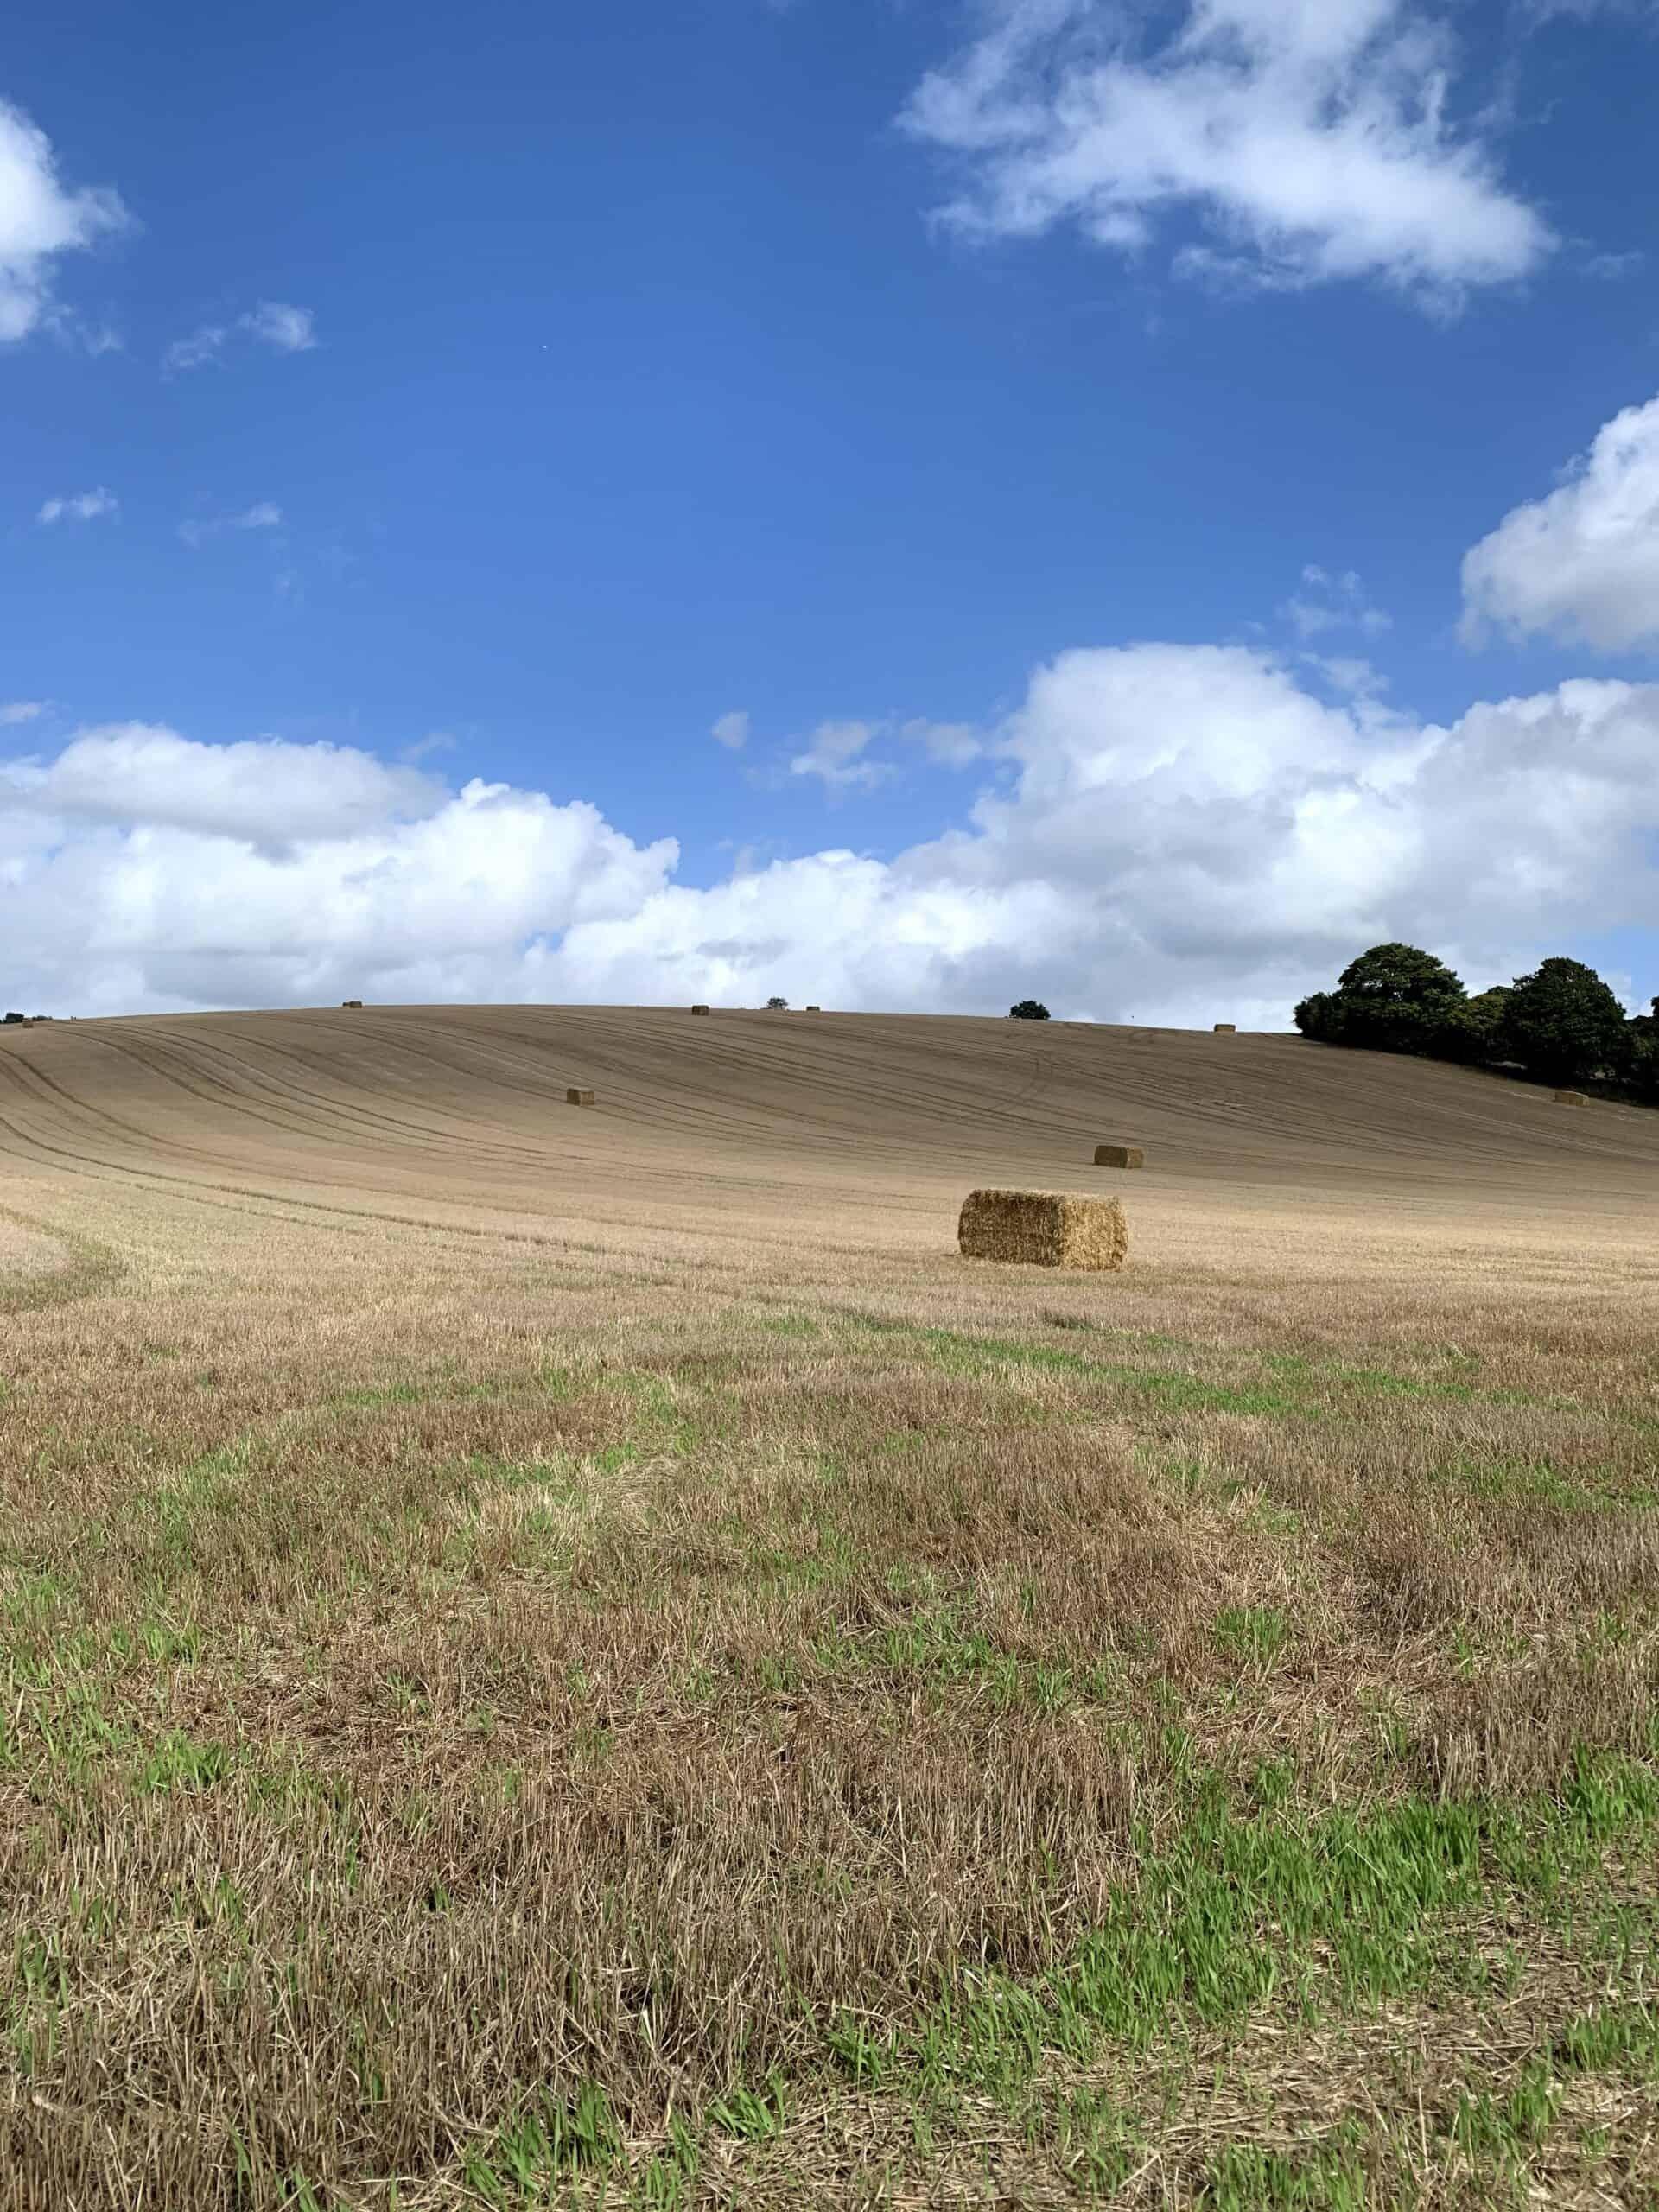 Hay bale in a field